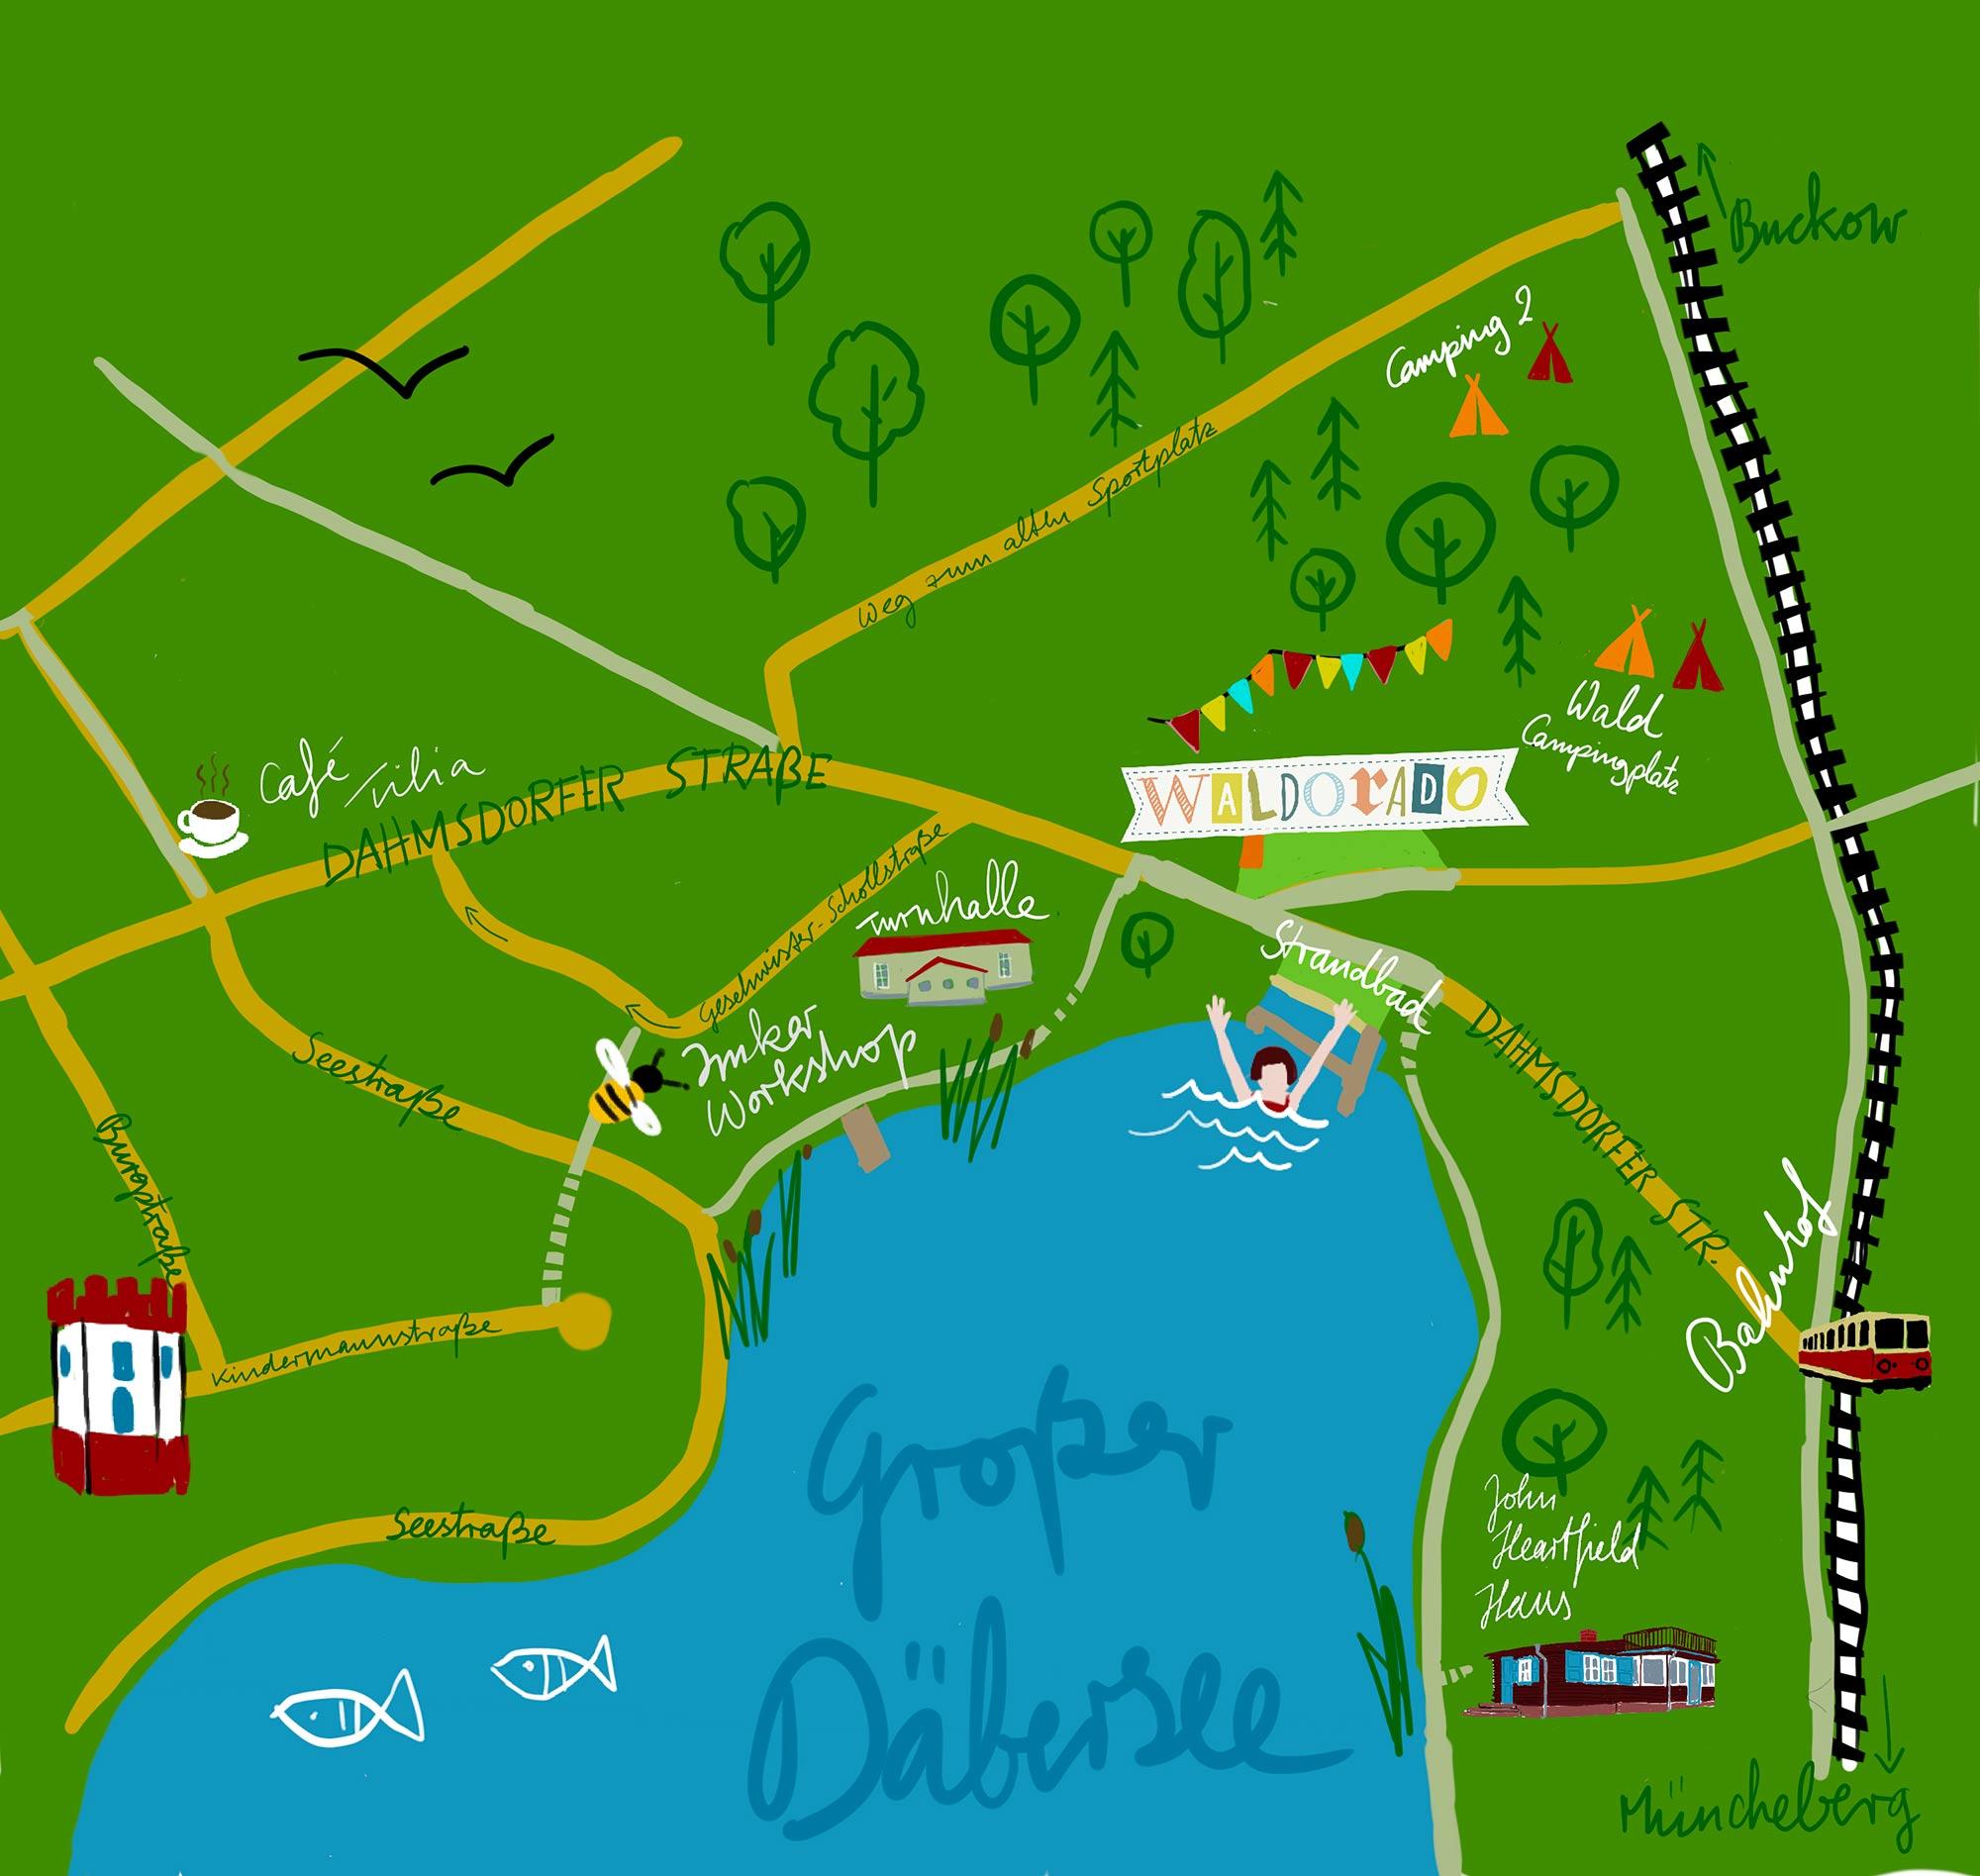 Lageplan Waldorado Festival